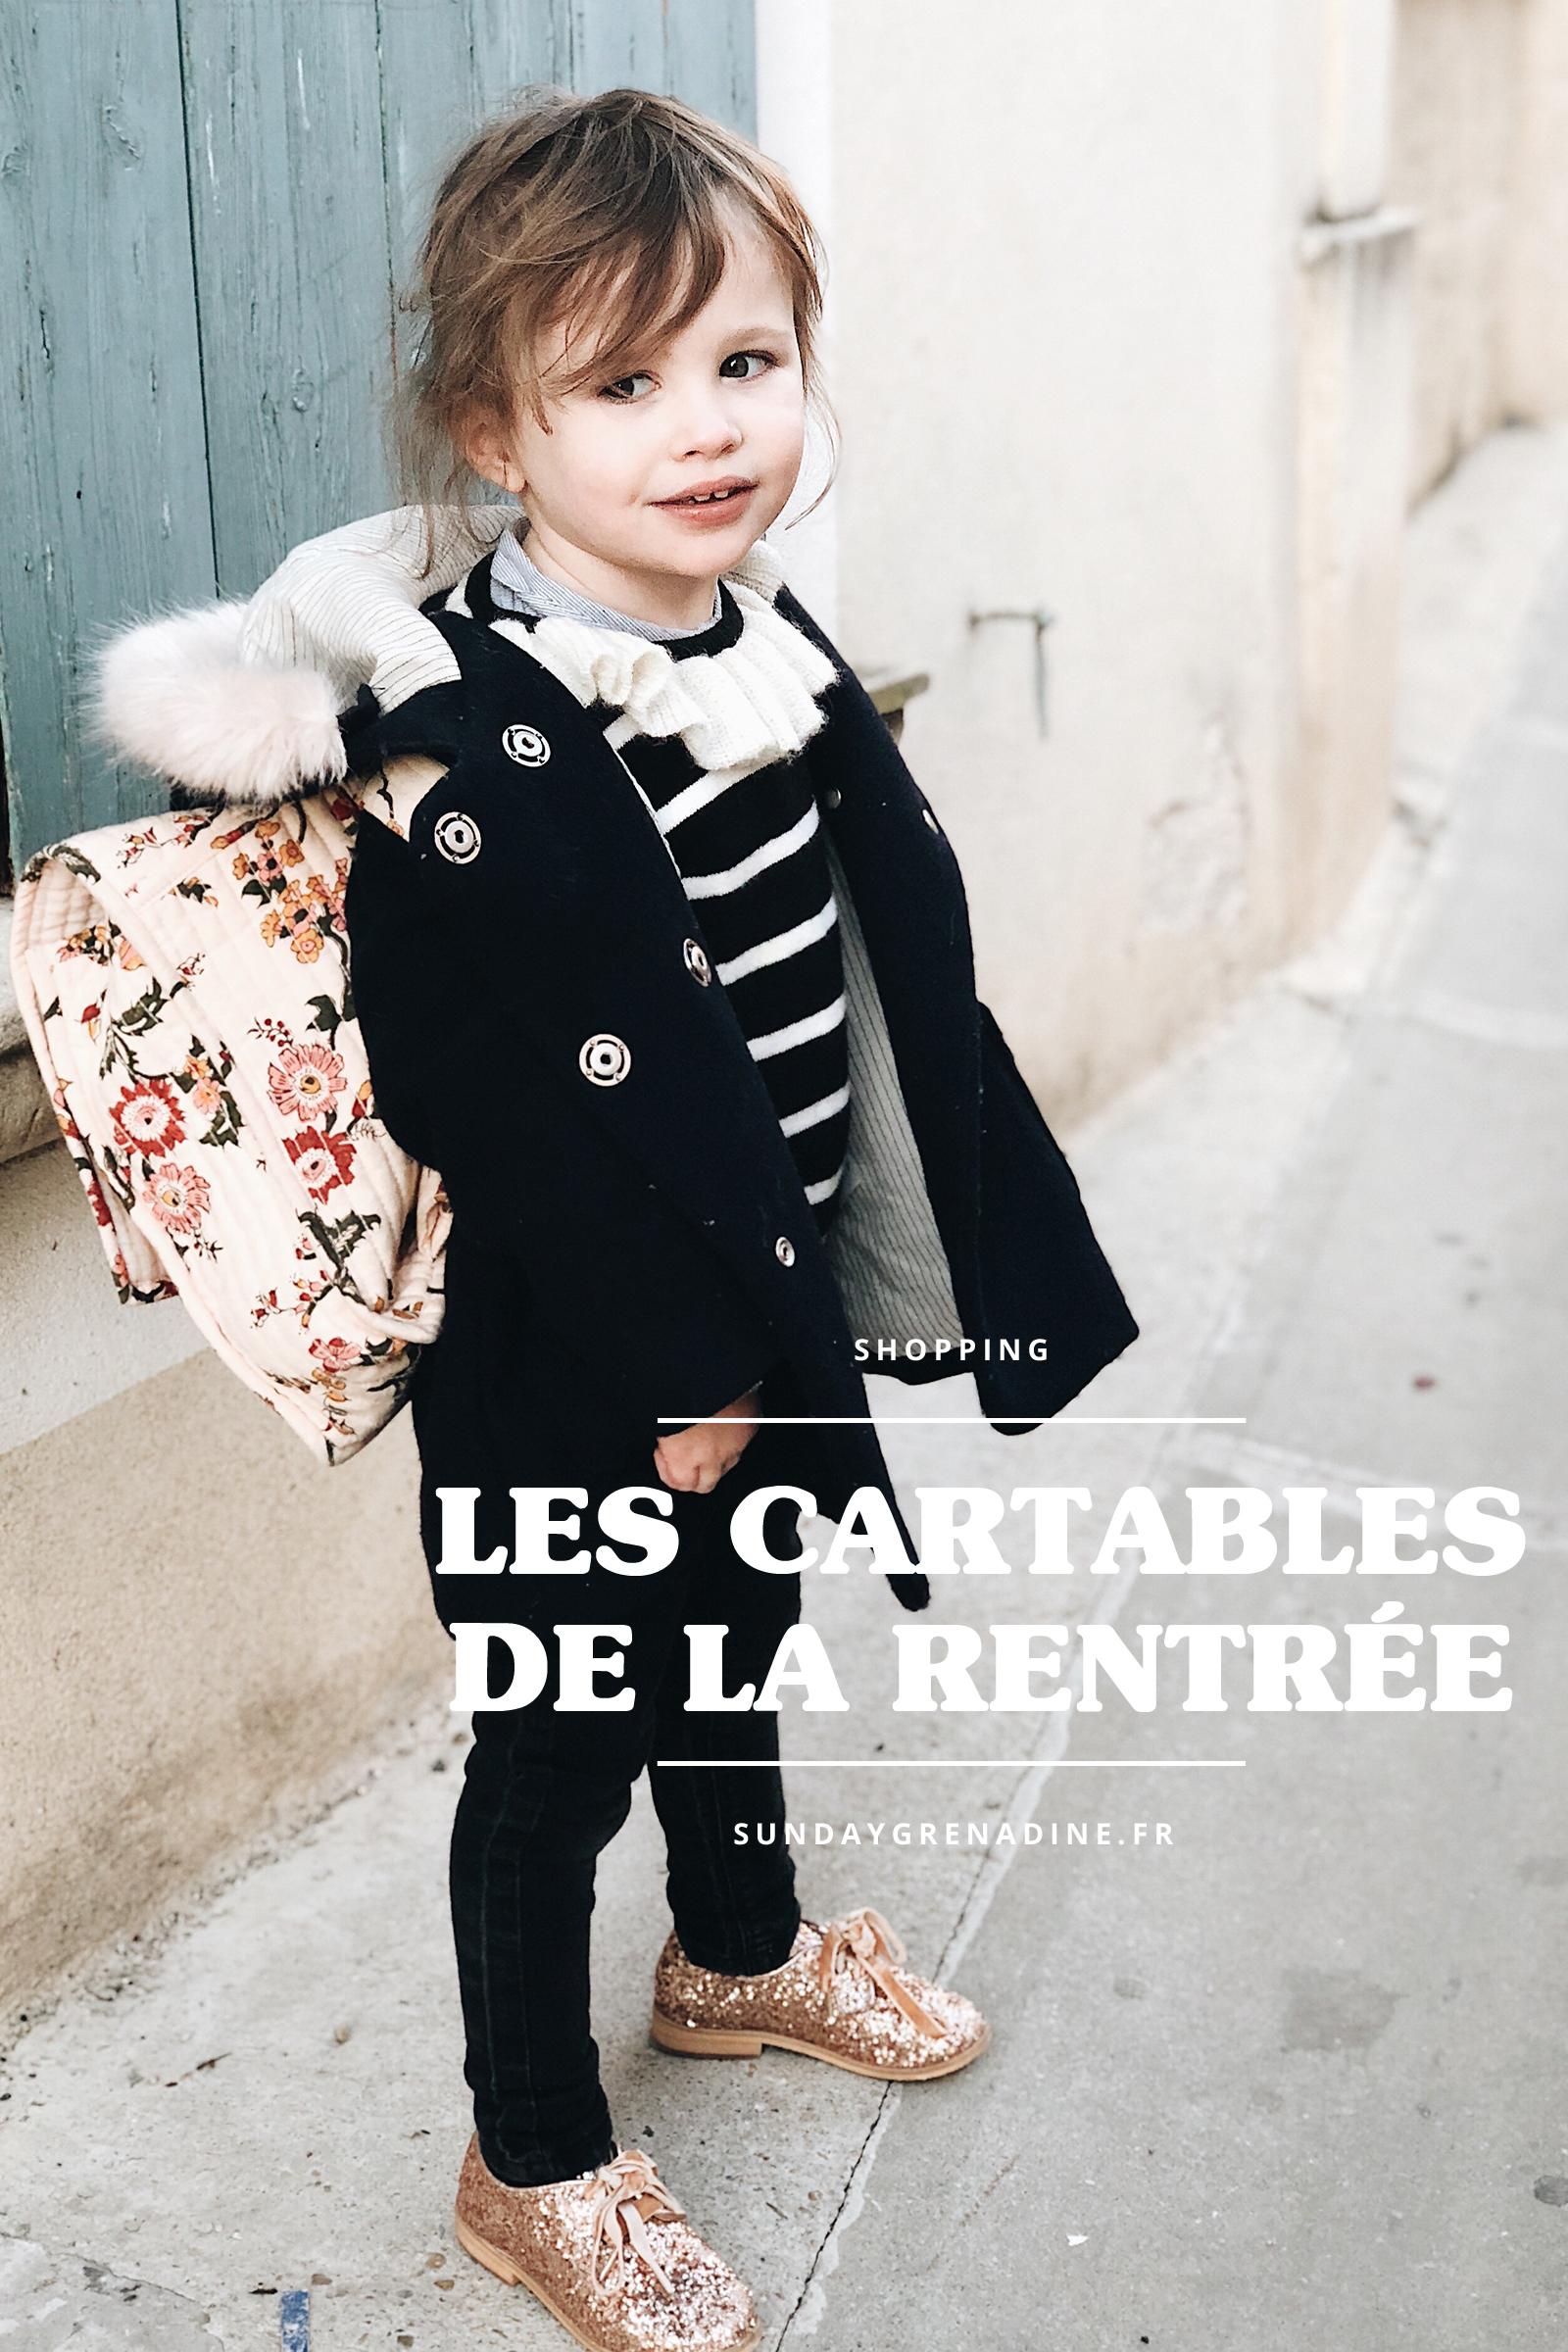 tout neuf 4aa4b 6548d 9 cartables tendances pour la rentrée 2018-2019 - Sunday ...